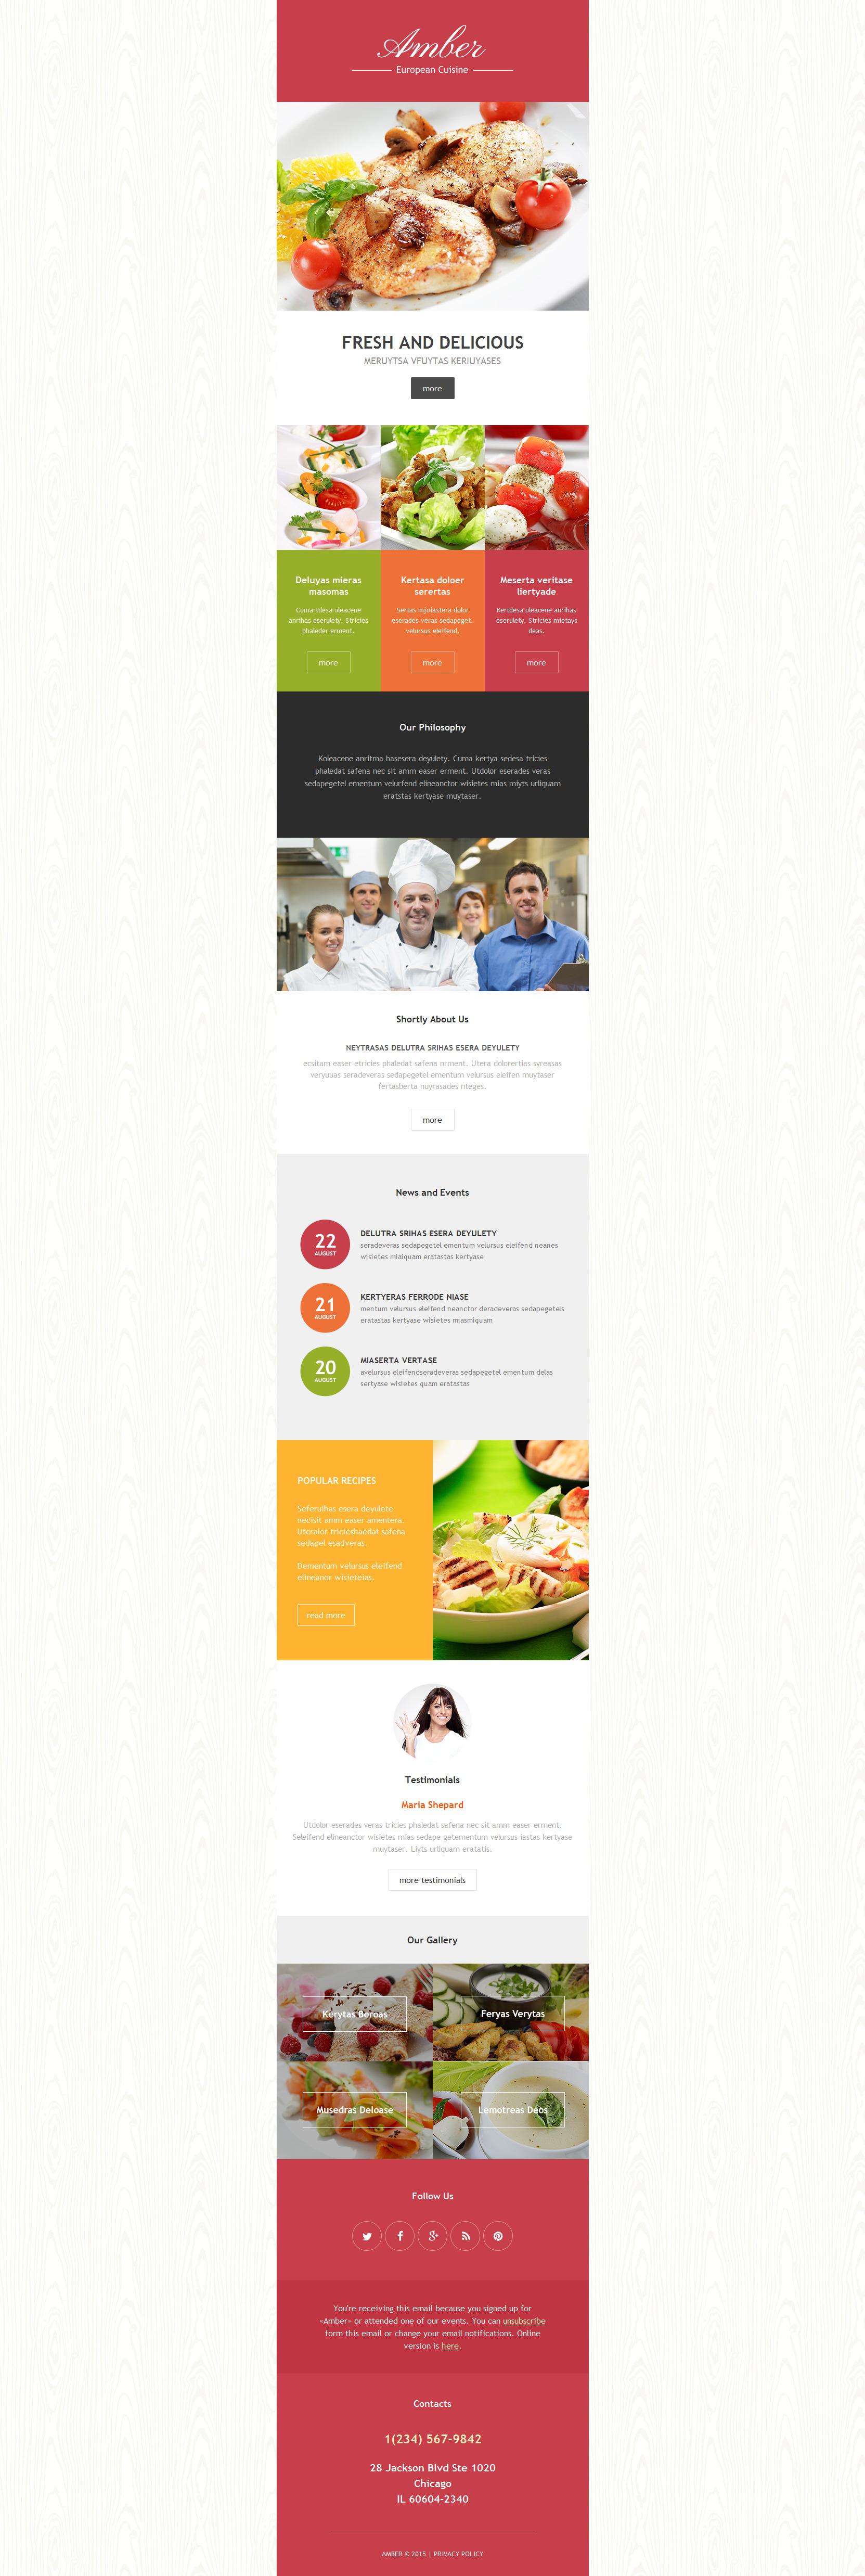 Modèle Bulletin adaptatif pour restaurant européen #54962